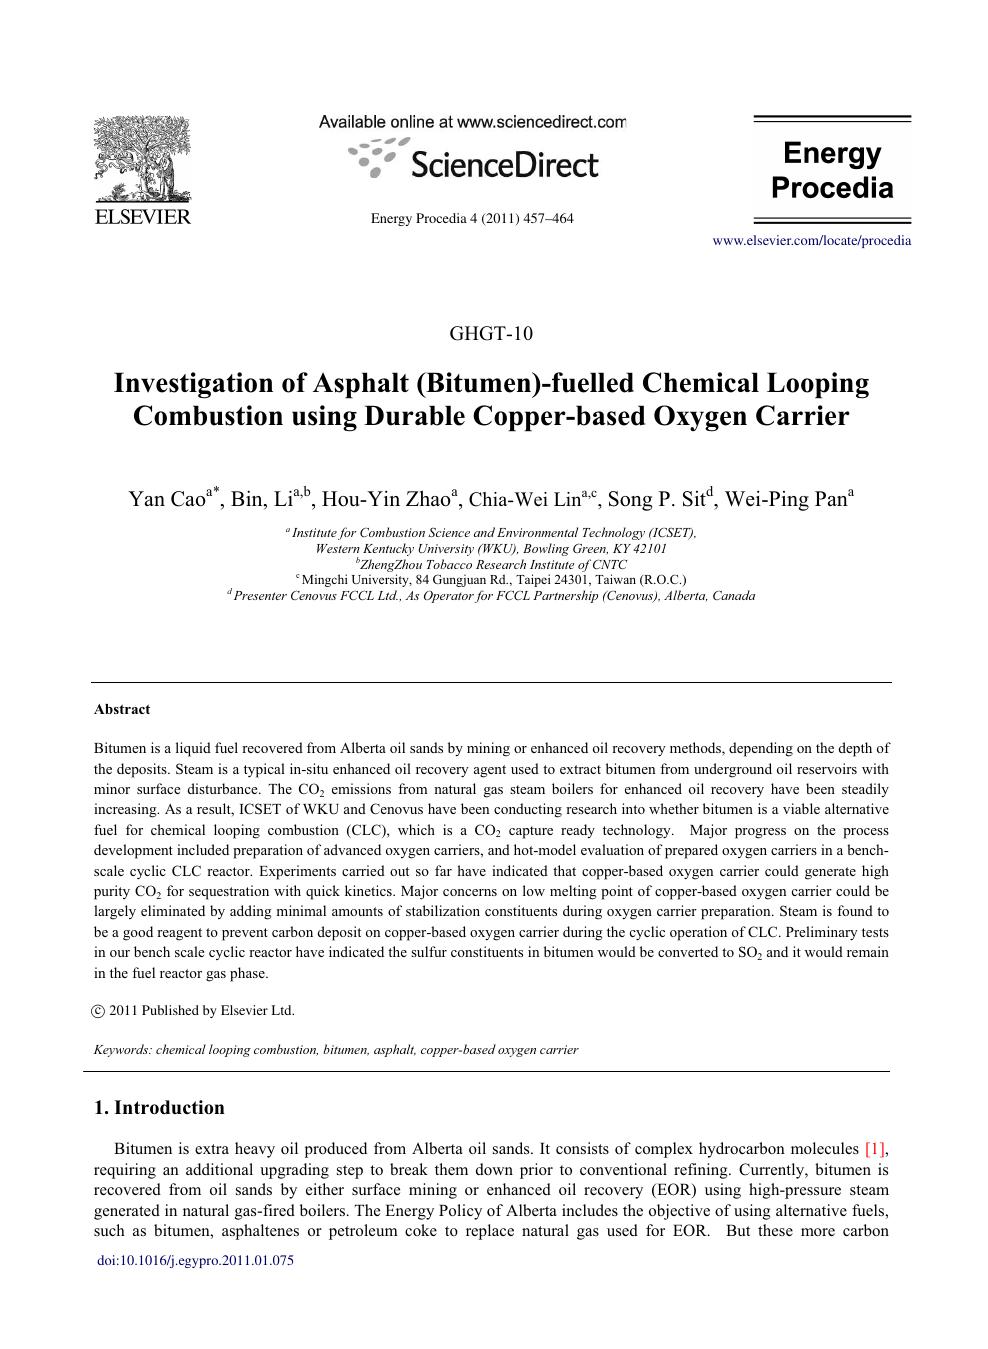 Investigation of asphalt (bitumen)-fuelled chemical looping